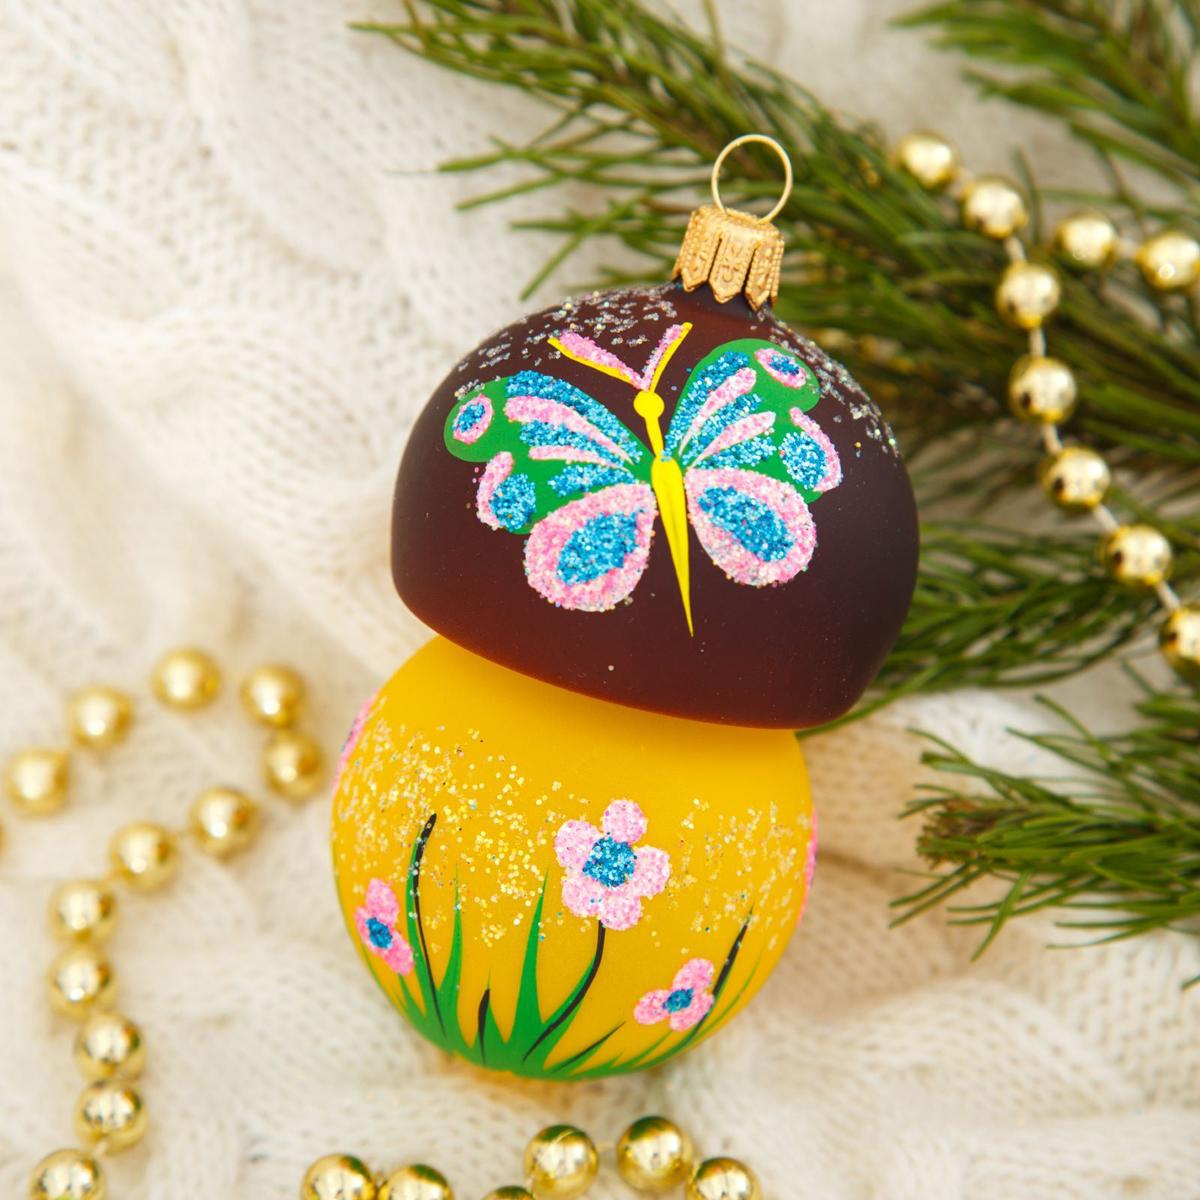 Новогоднее подвесное украшение Ёлочка Гриб-боровик, 6 х 6 х 12 см2564814Новогоднее подвесное украшение Ёлочка отлично подойдет для декорации вашего дома и новогодней ели. Новогоднее украшение можно повесить в любом понравившемся вам месте. Но, конечно, удачнее всего оно будет смотреться на праздничной елке.Елочная игрушка - символ Нового года. Она несет в себе волшебство и красоту праздника. Такое украшение создаст в вашем доме атмосферу праздника, веселья и радости.